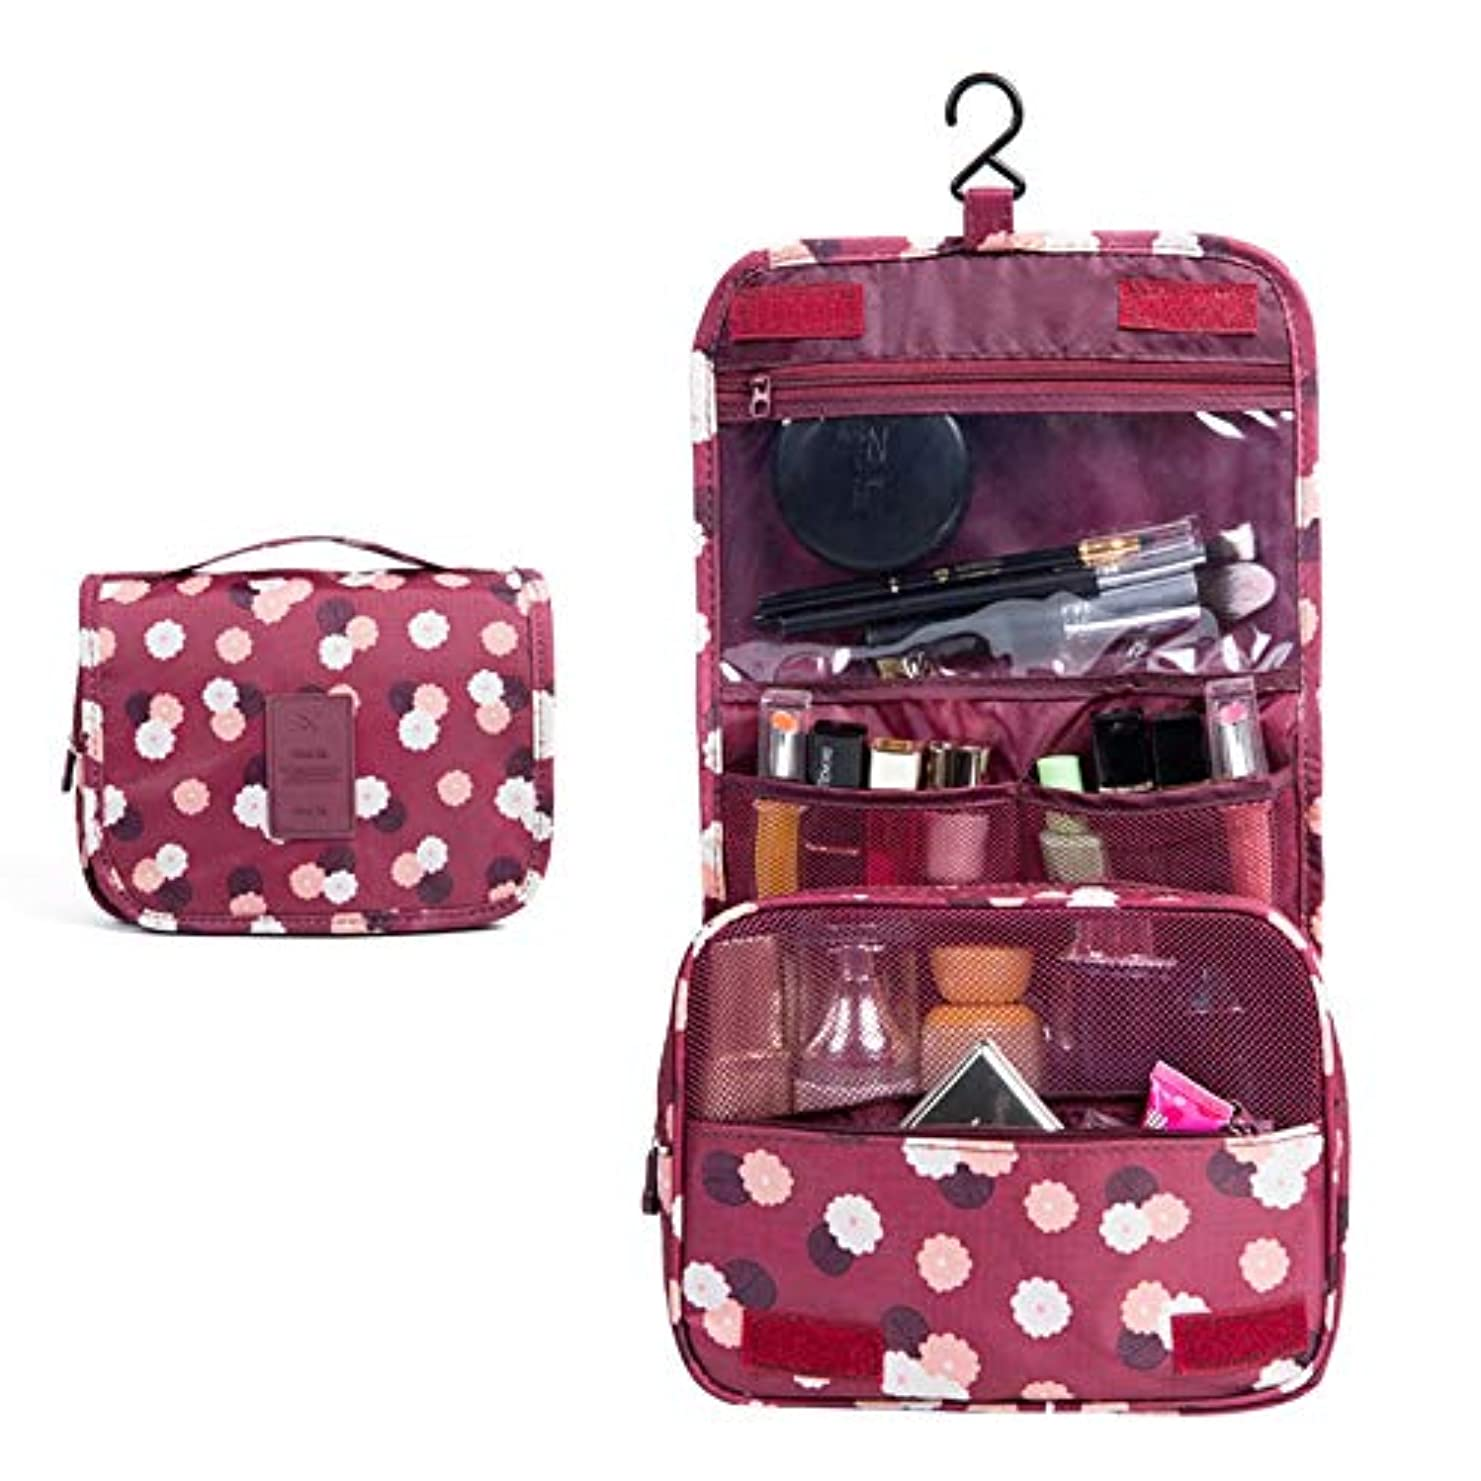 起きてバウンスシチリア化粧オーガナイザーバッグ ポータブル旅行折りたたみフックオーガナイザーバッグトイレタリーバッグを作る化粧品バッグブルーフラワー 化粧品ケース (色 : 赤)